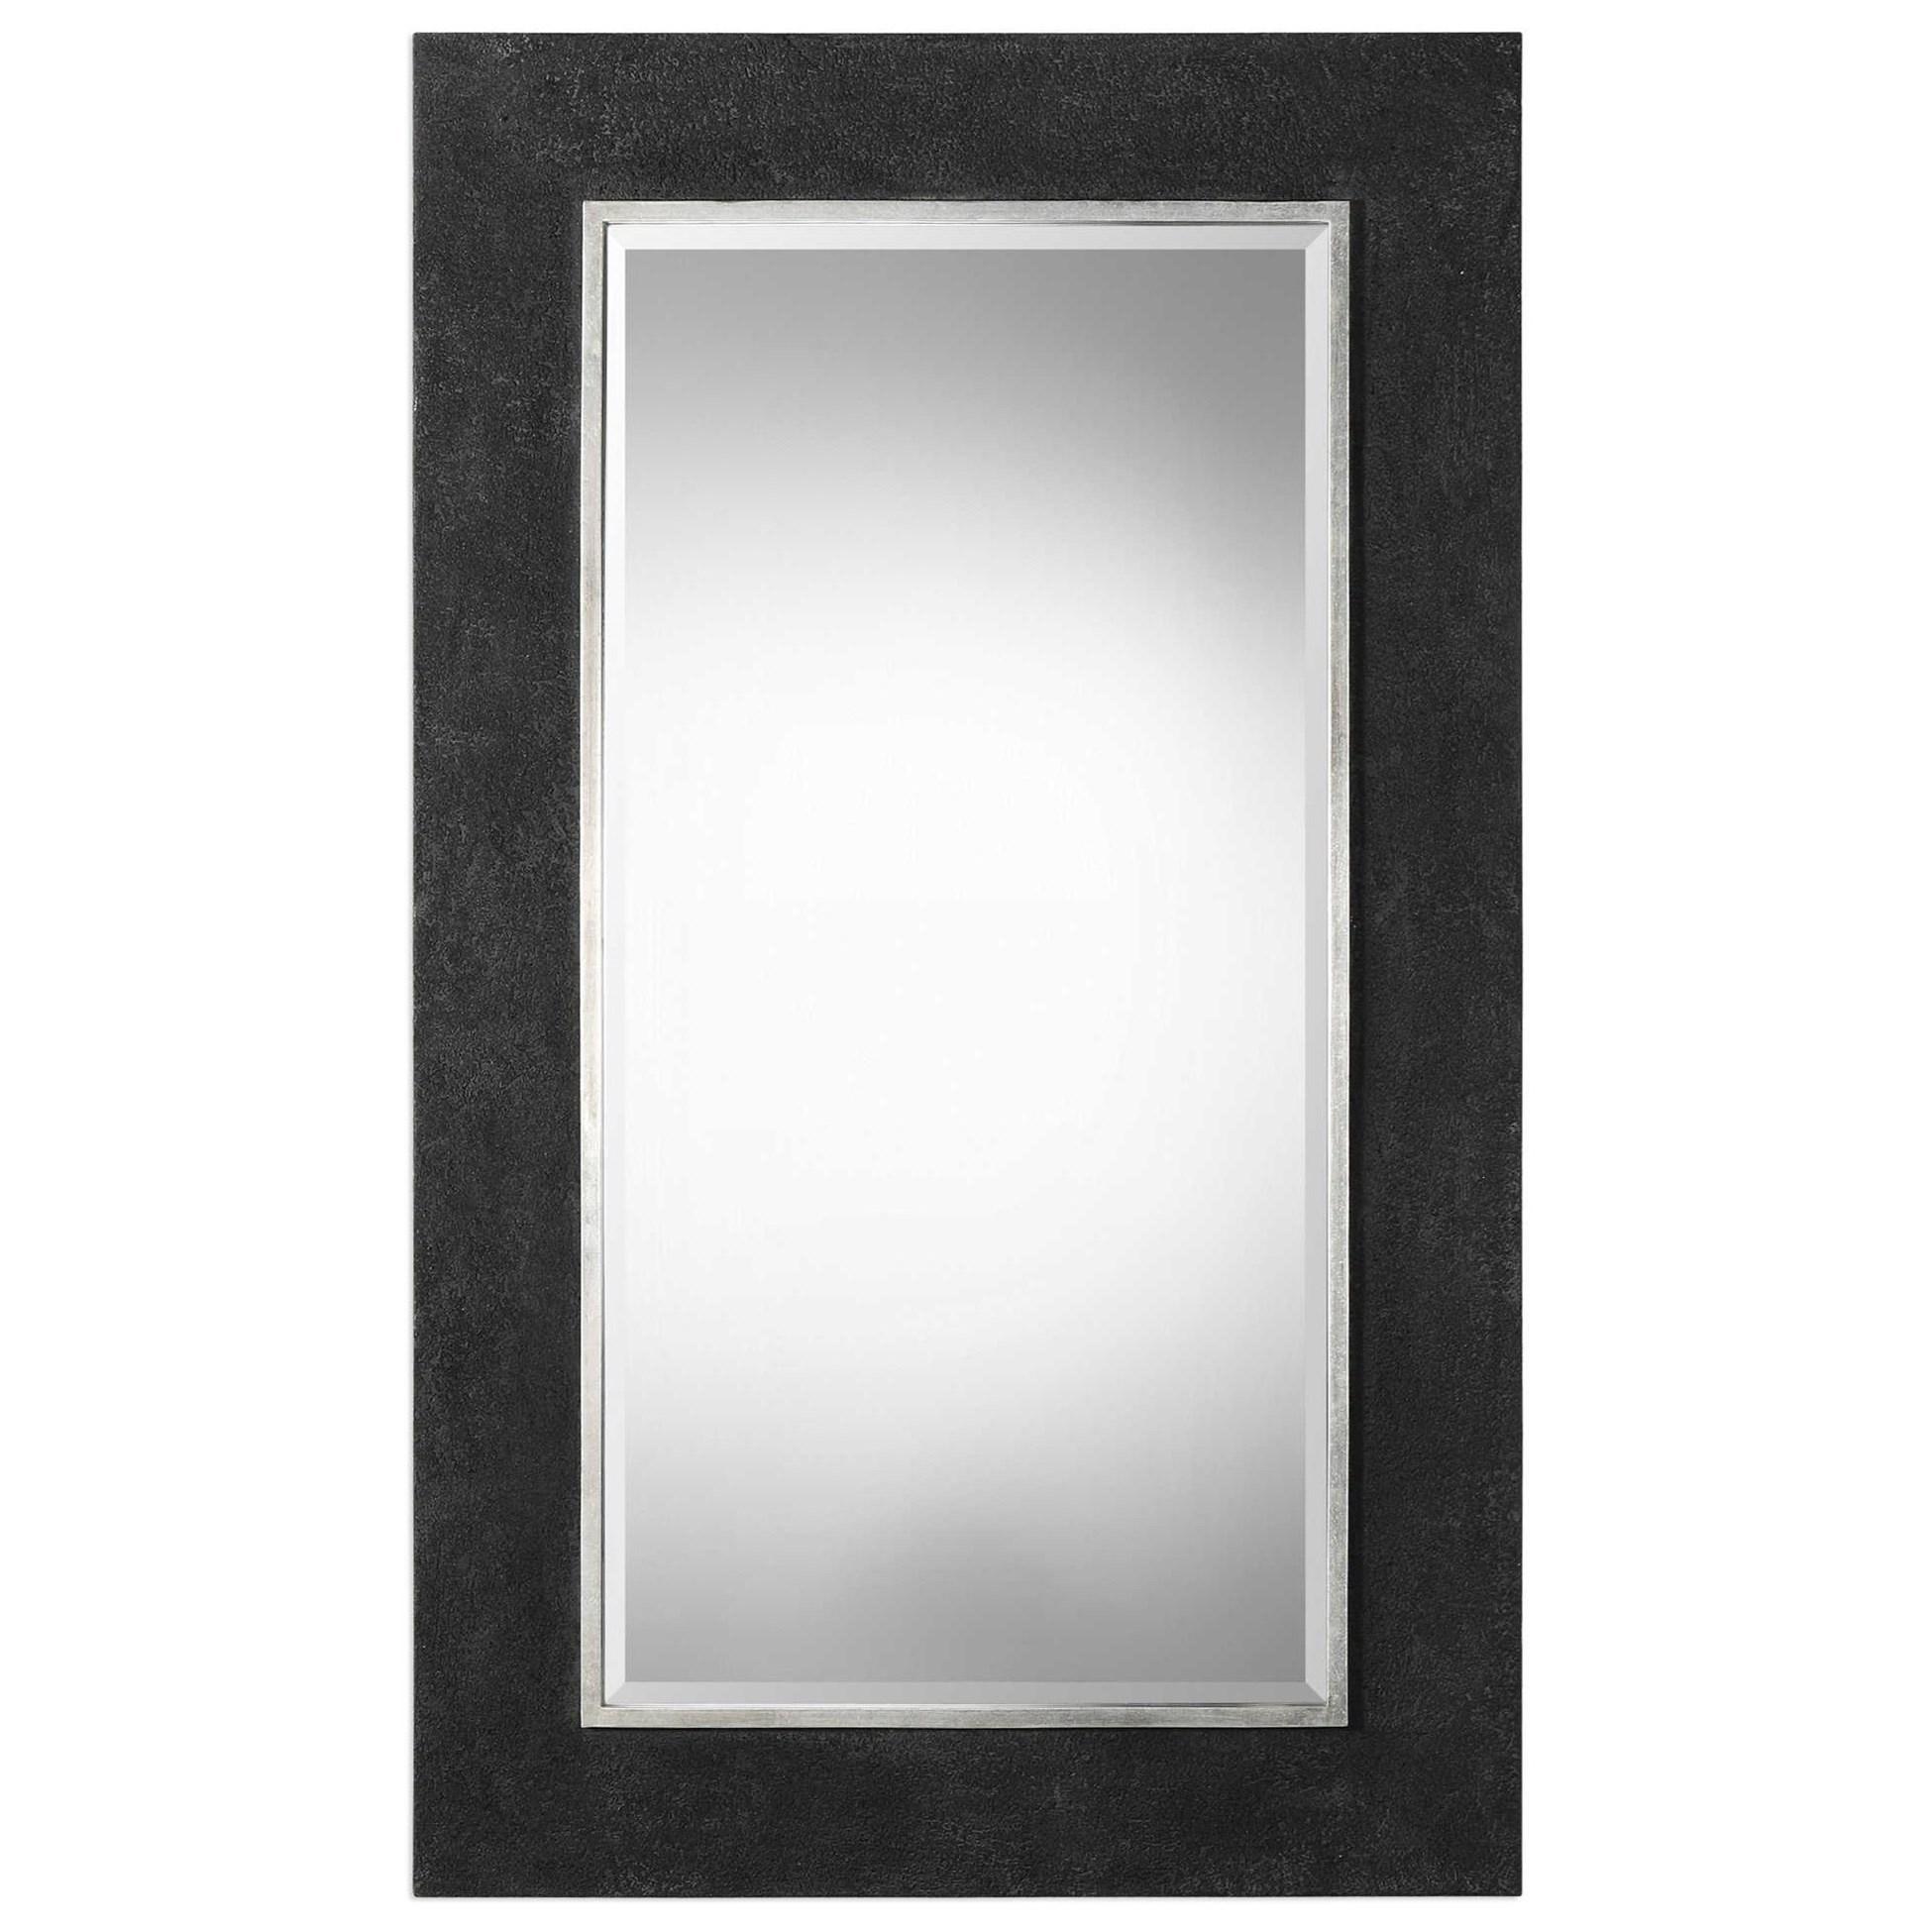 Ferran Textured Black Mirror